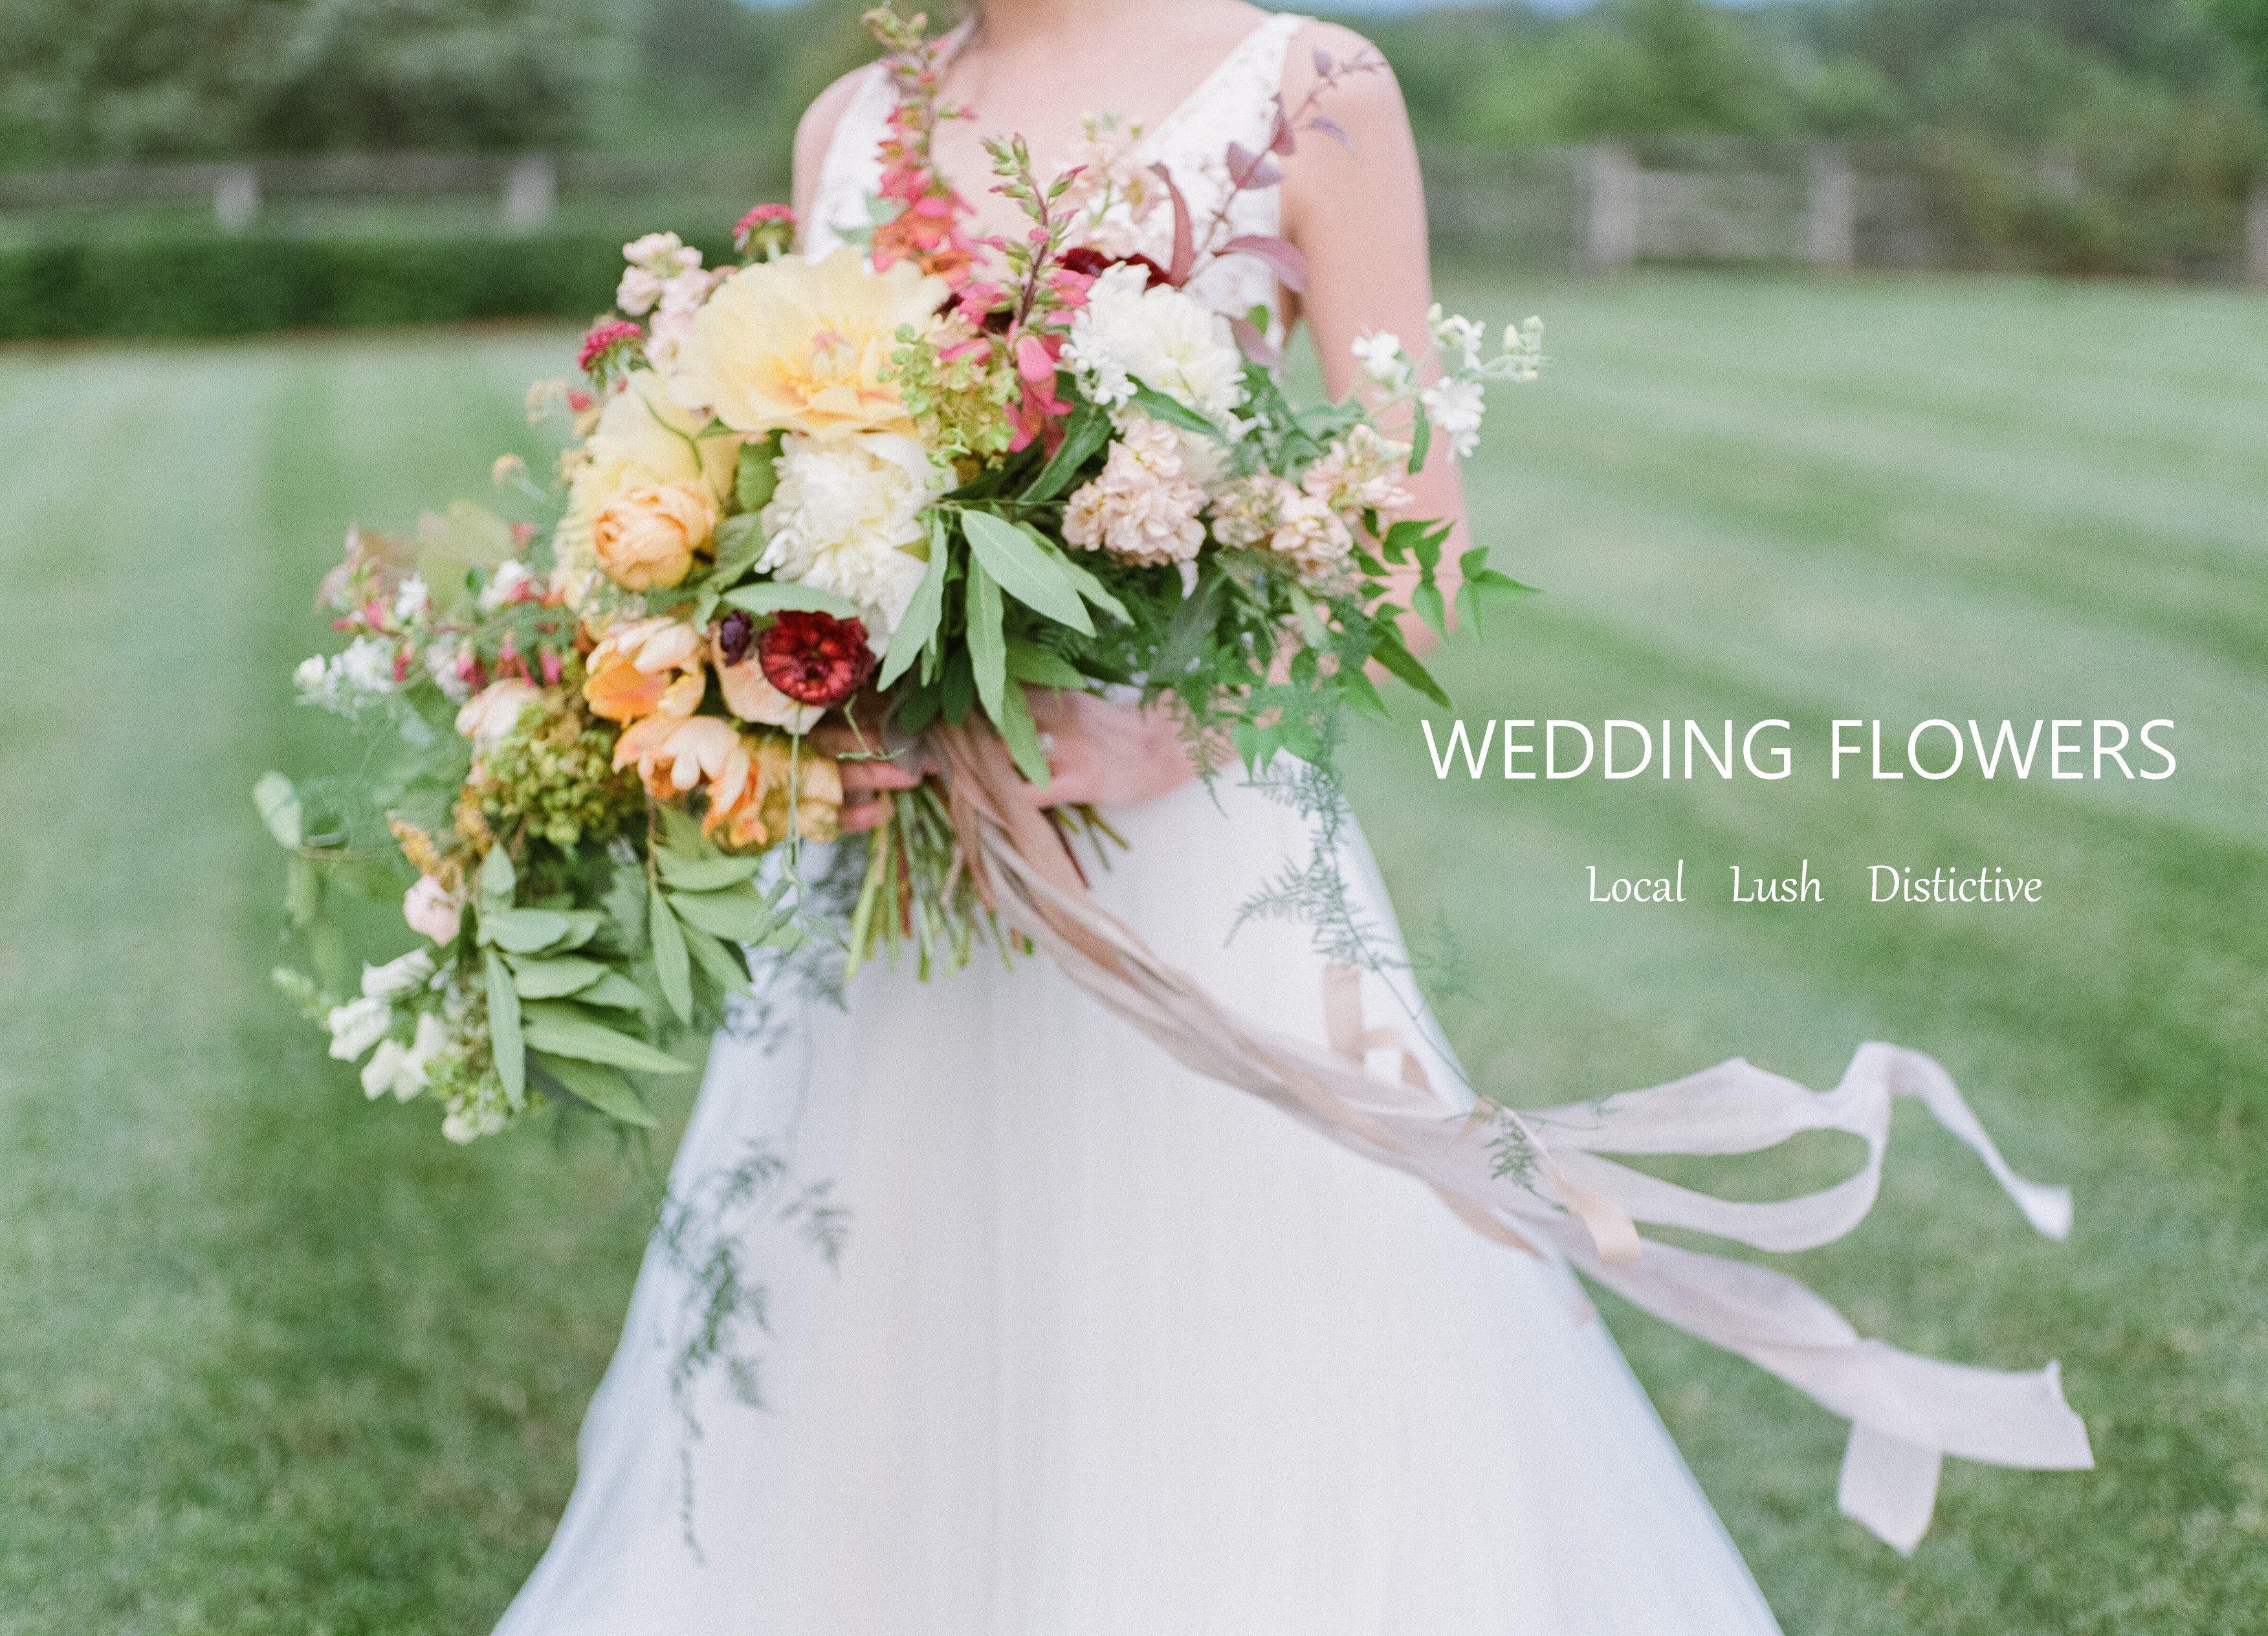 Weddings Alpharetta Florist Alpharetta Flower Market